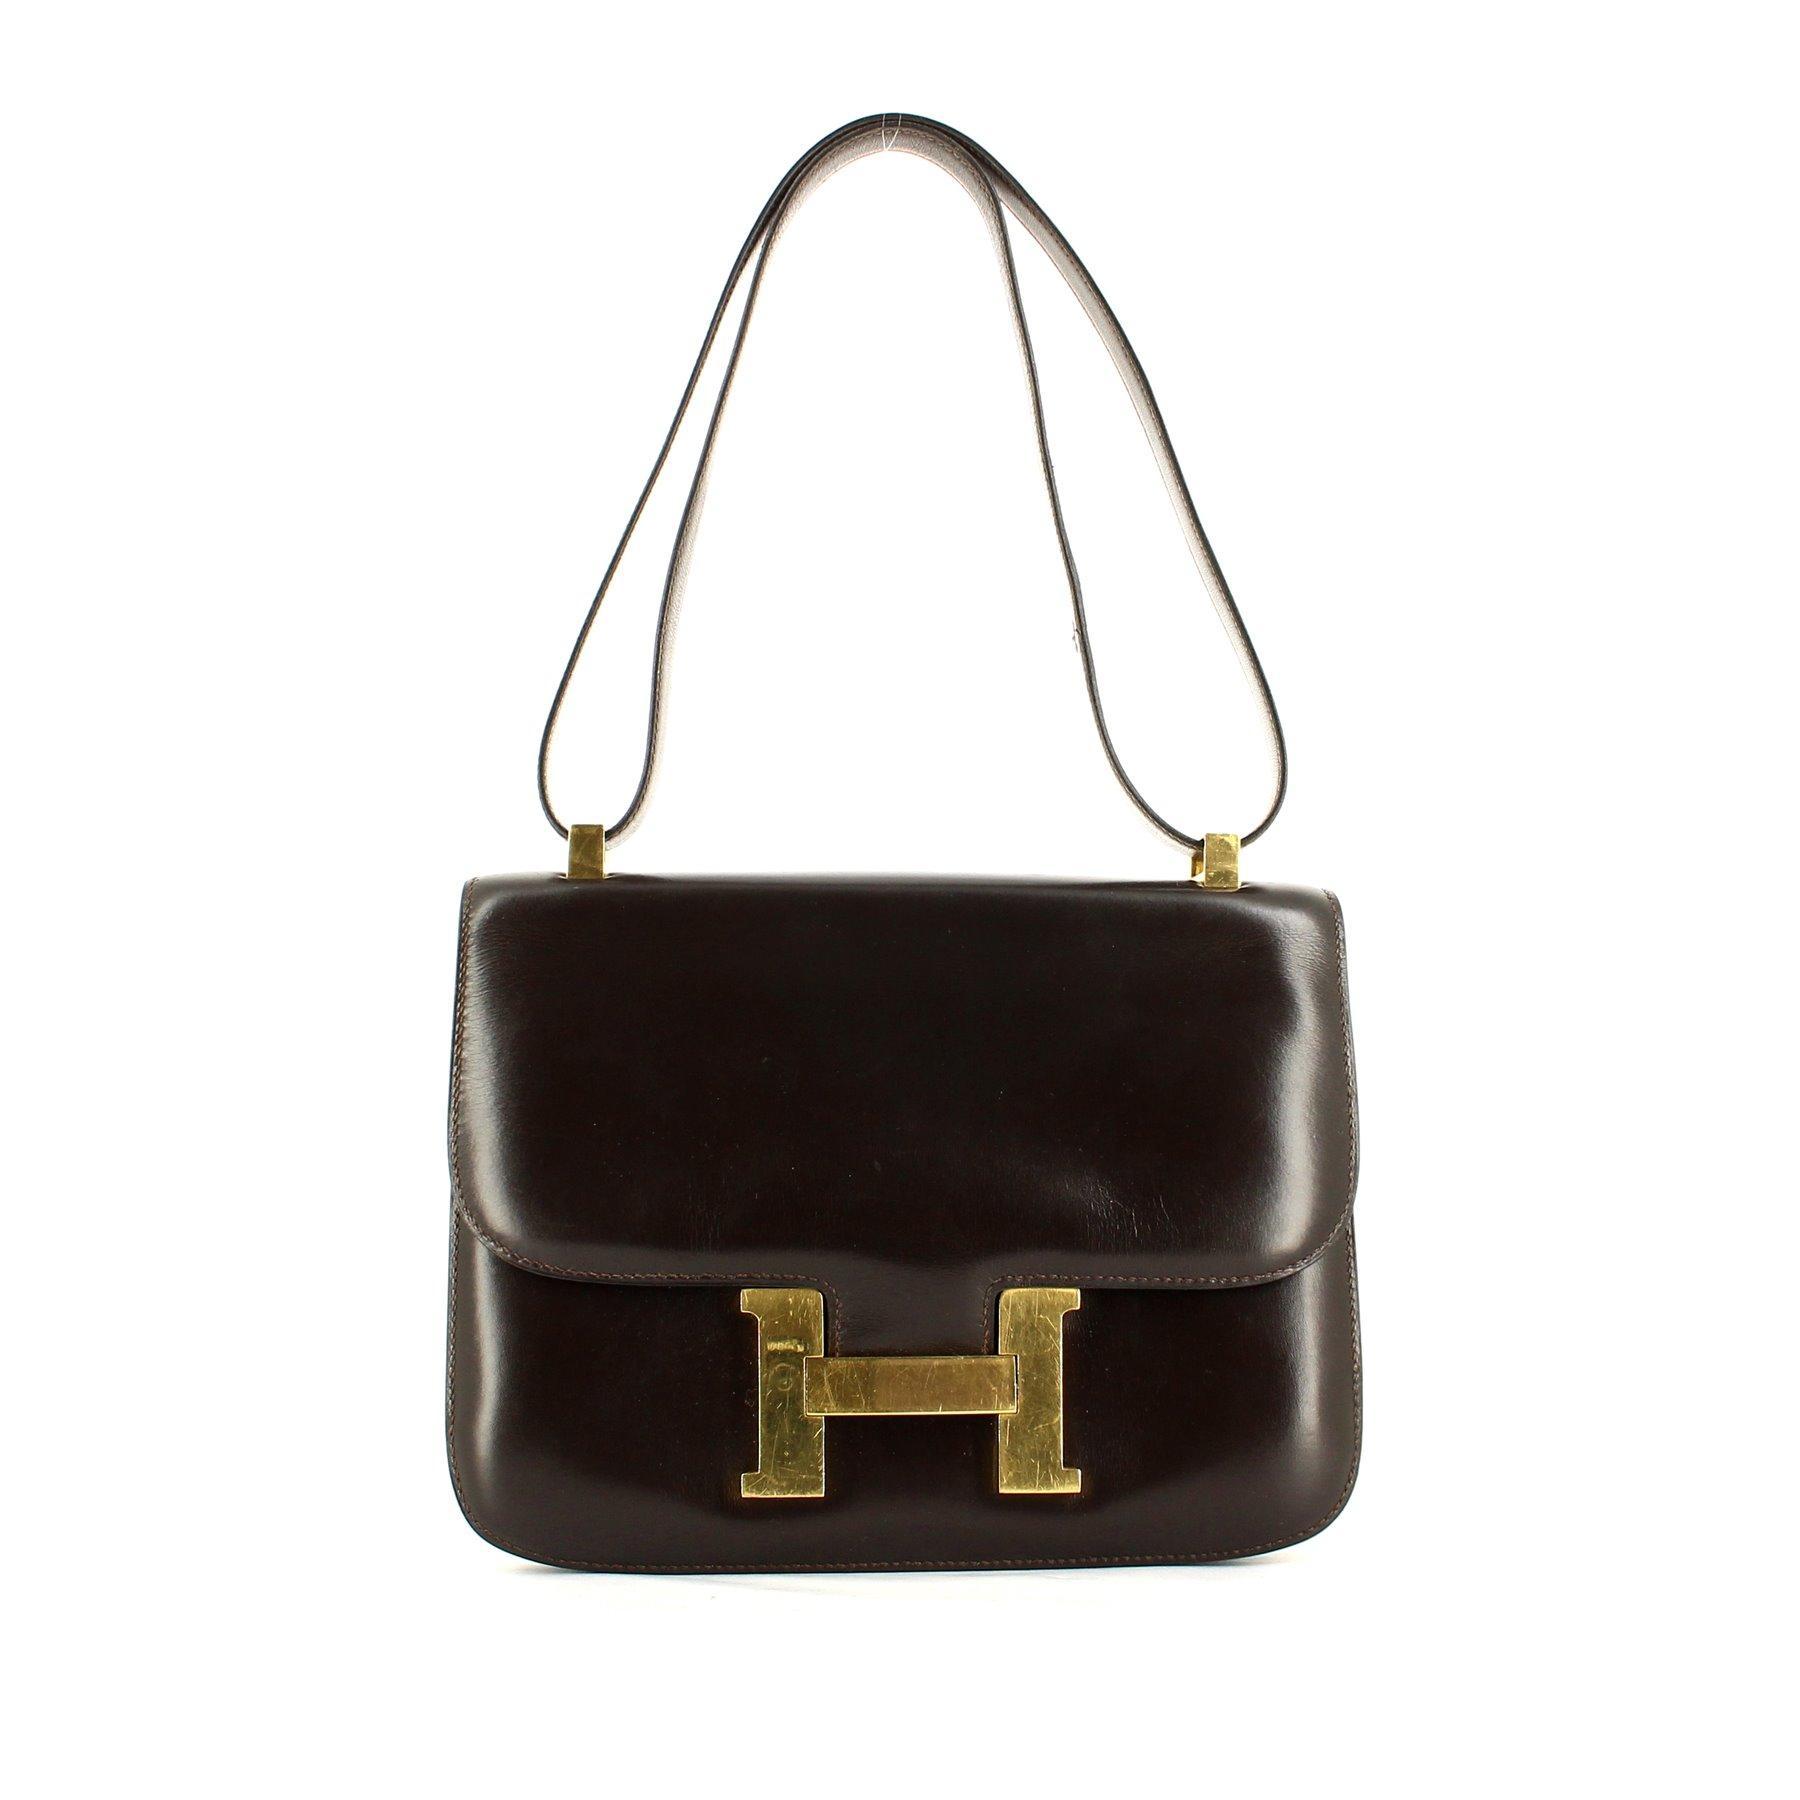 ... l indispensable mini bandoulière Le Constance d Hermès, l indispensable  mini bandoulière Le Constance d Hermès, l indispensable mini bandoulière ... 6f5581ce237